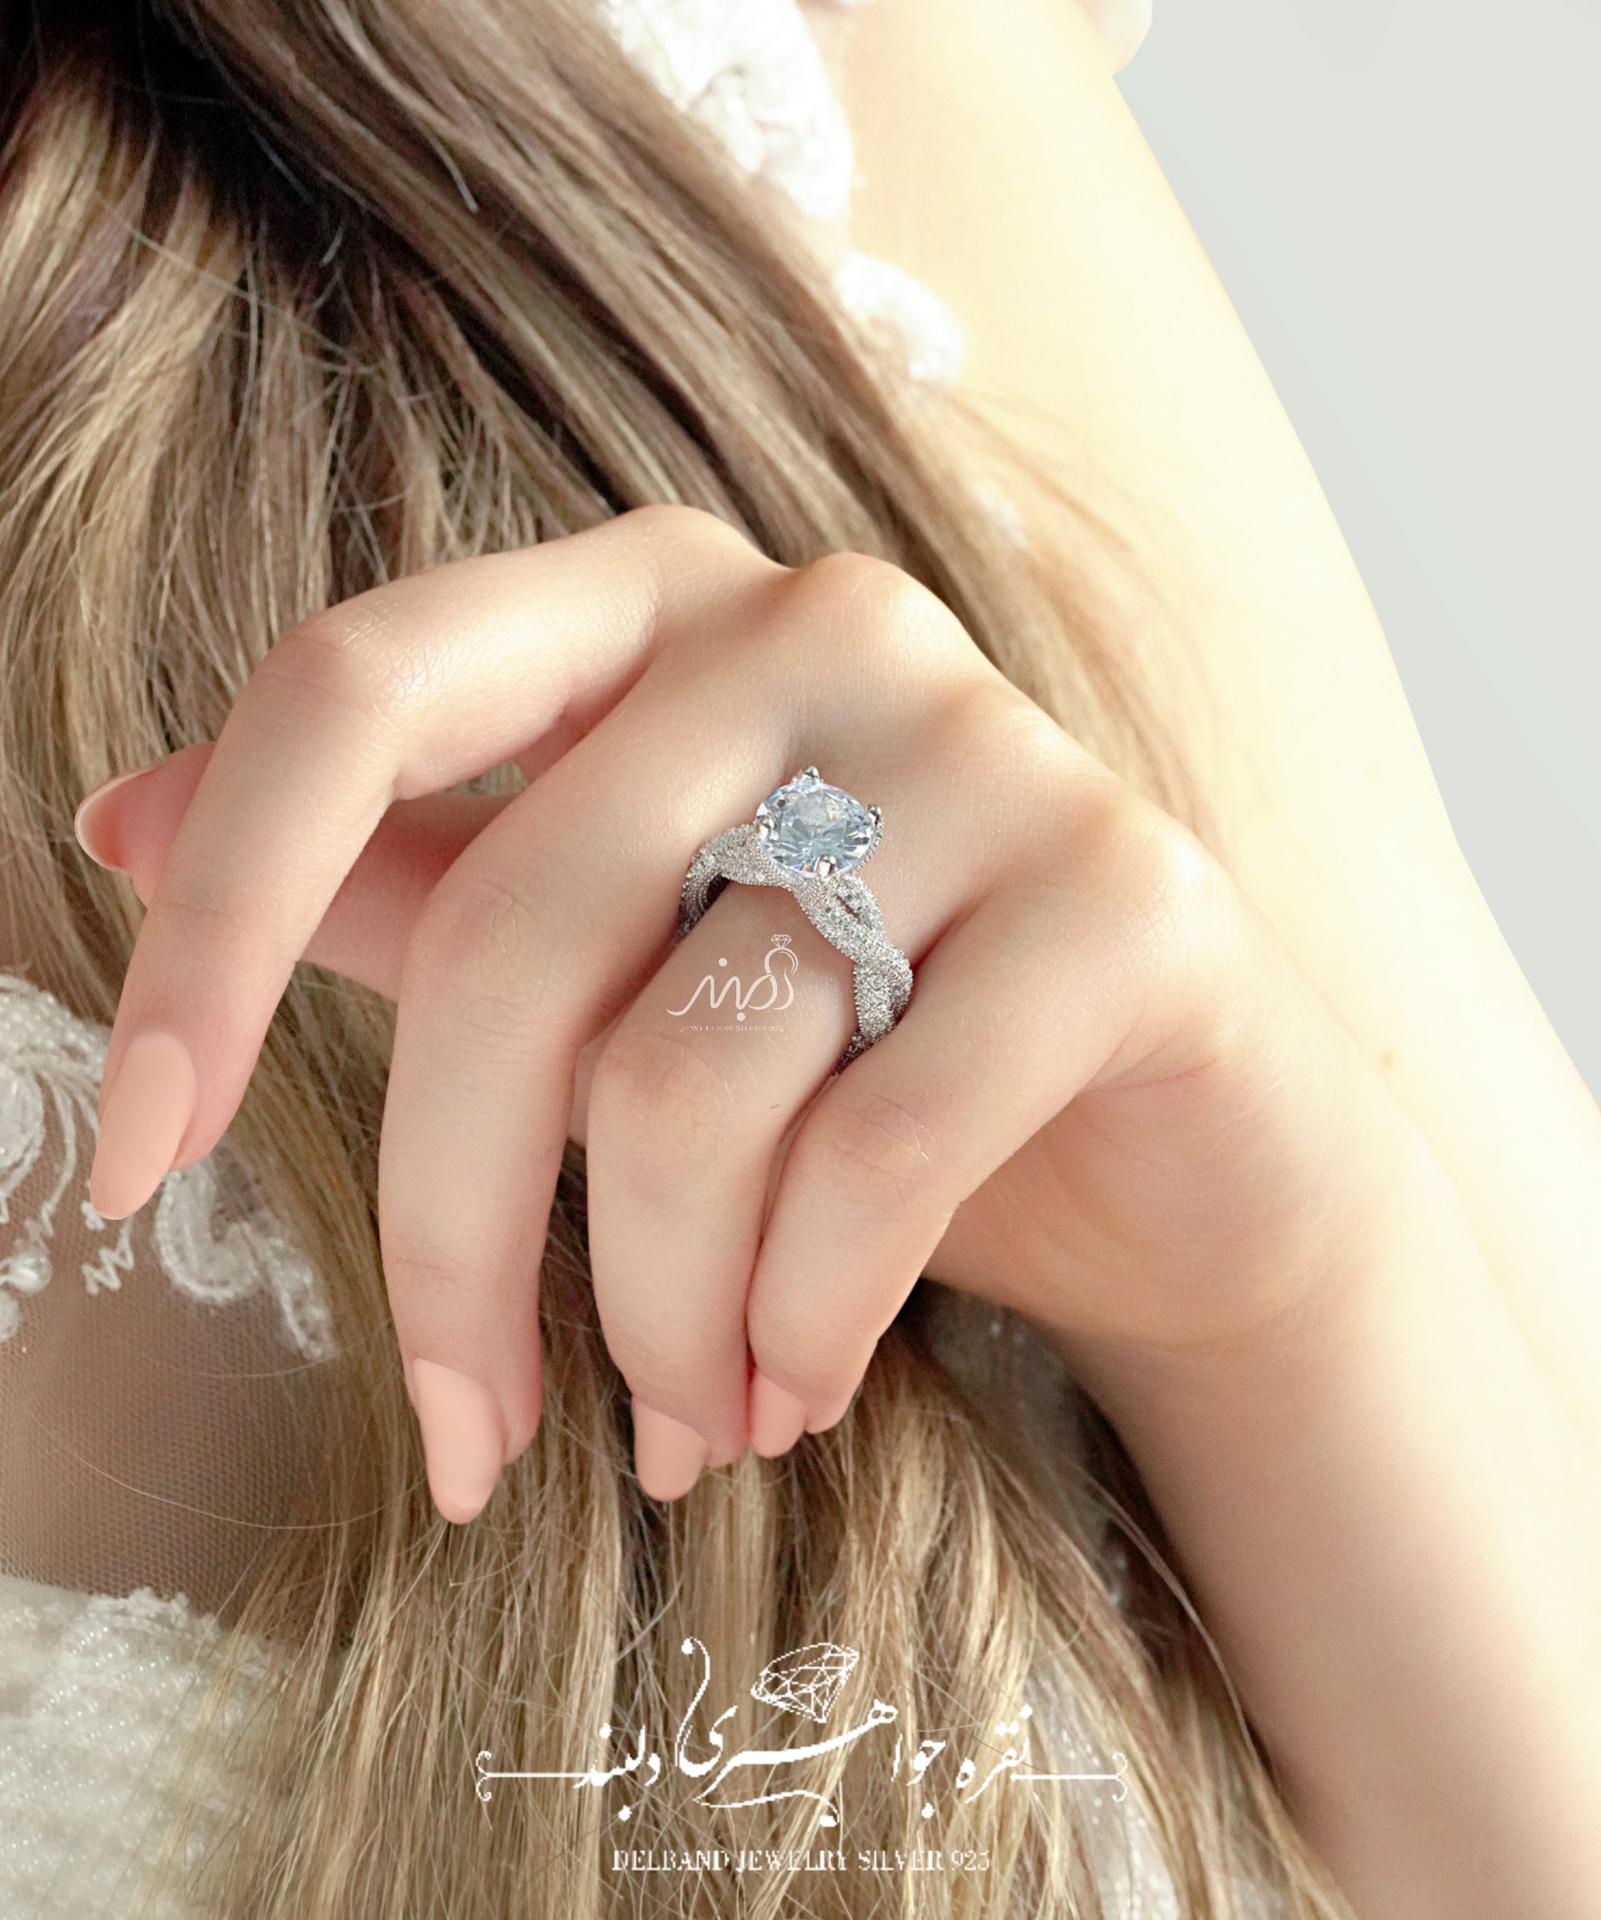 💍انگشتر جواهری سولیتر Round-cut لوکس ؛ با طراحی خاص و زیبا نقره عیار ۹۲۵ با روکش طلا سفید (R_1067)